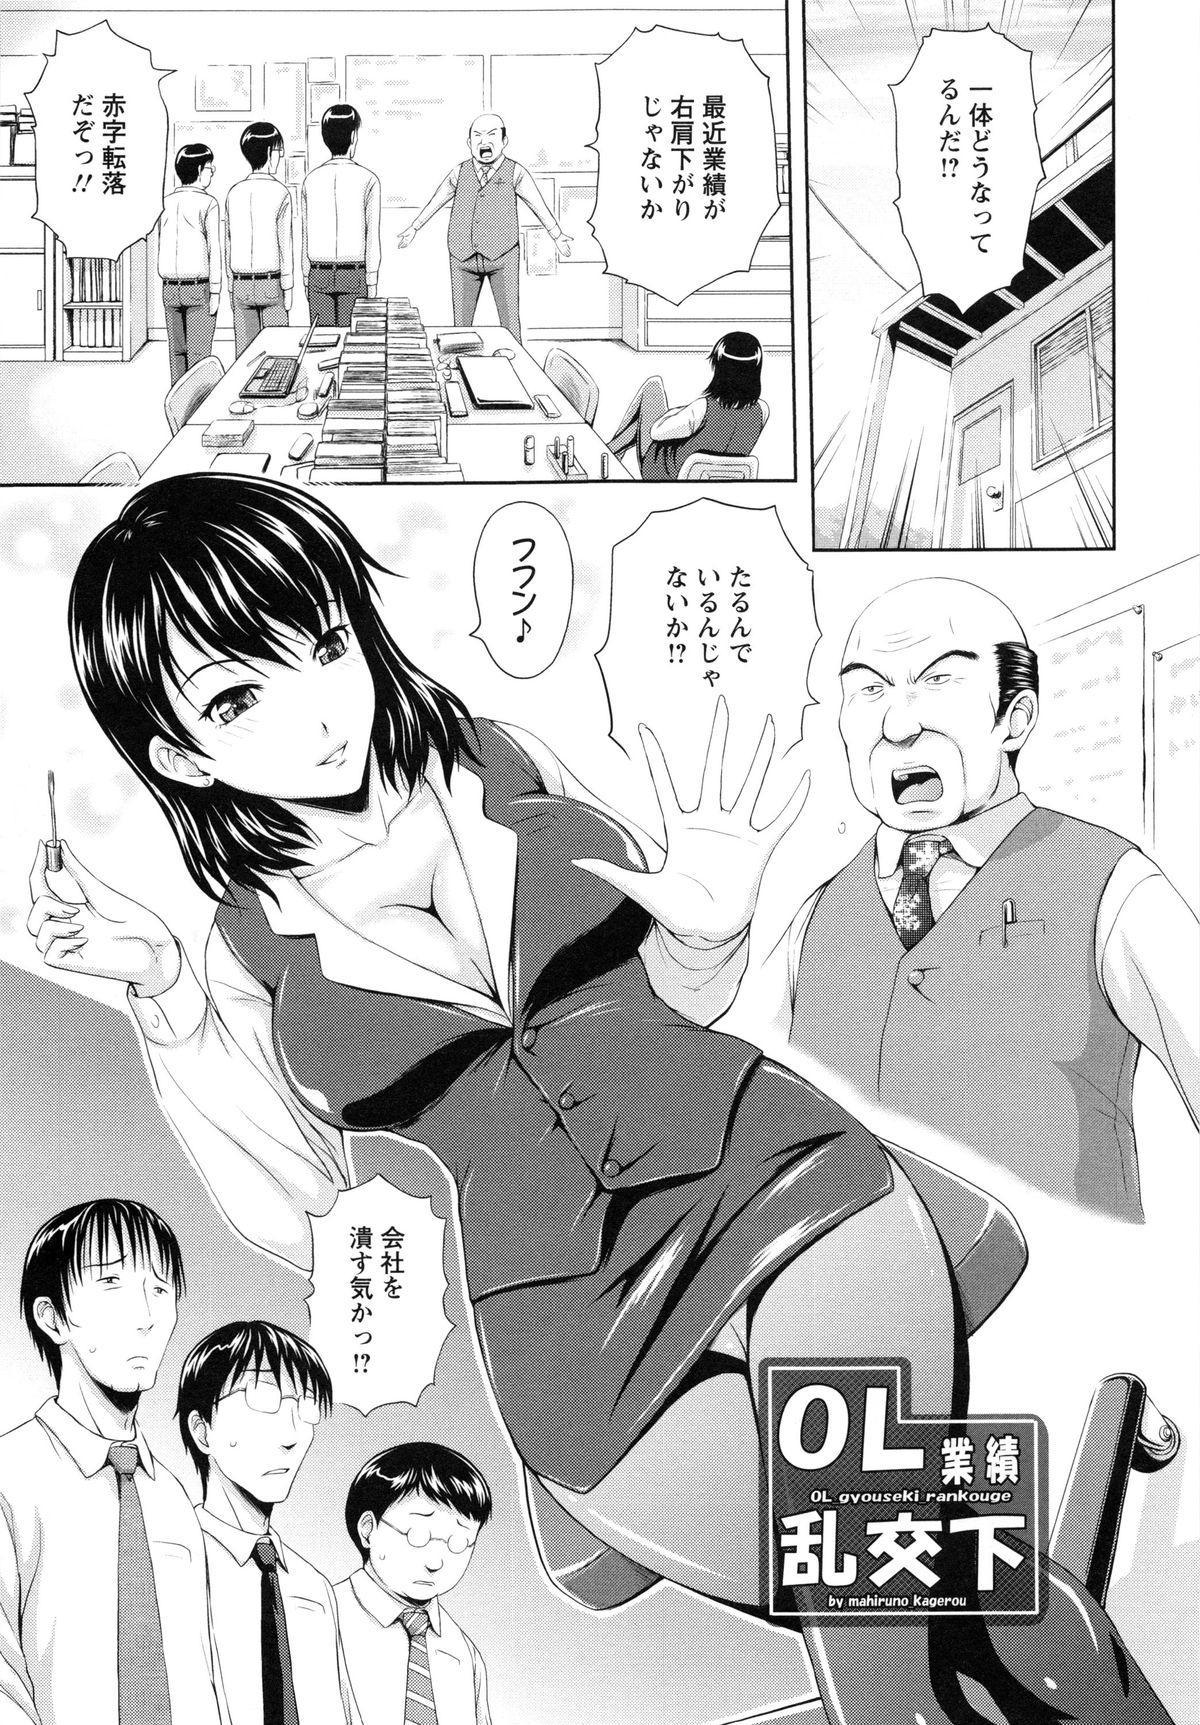 Inbaku no Wakazuma 151